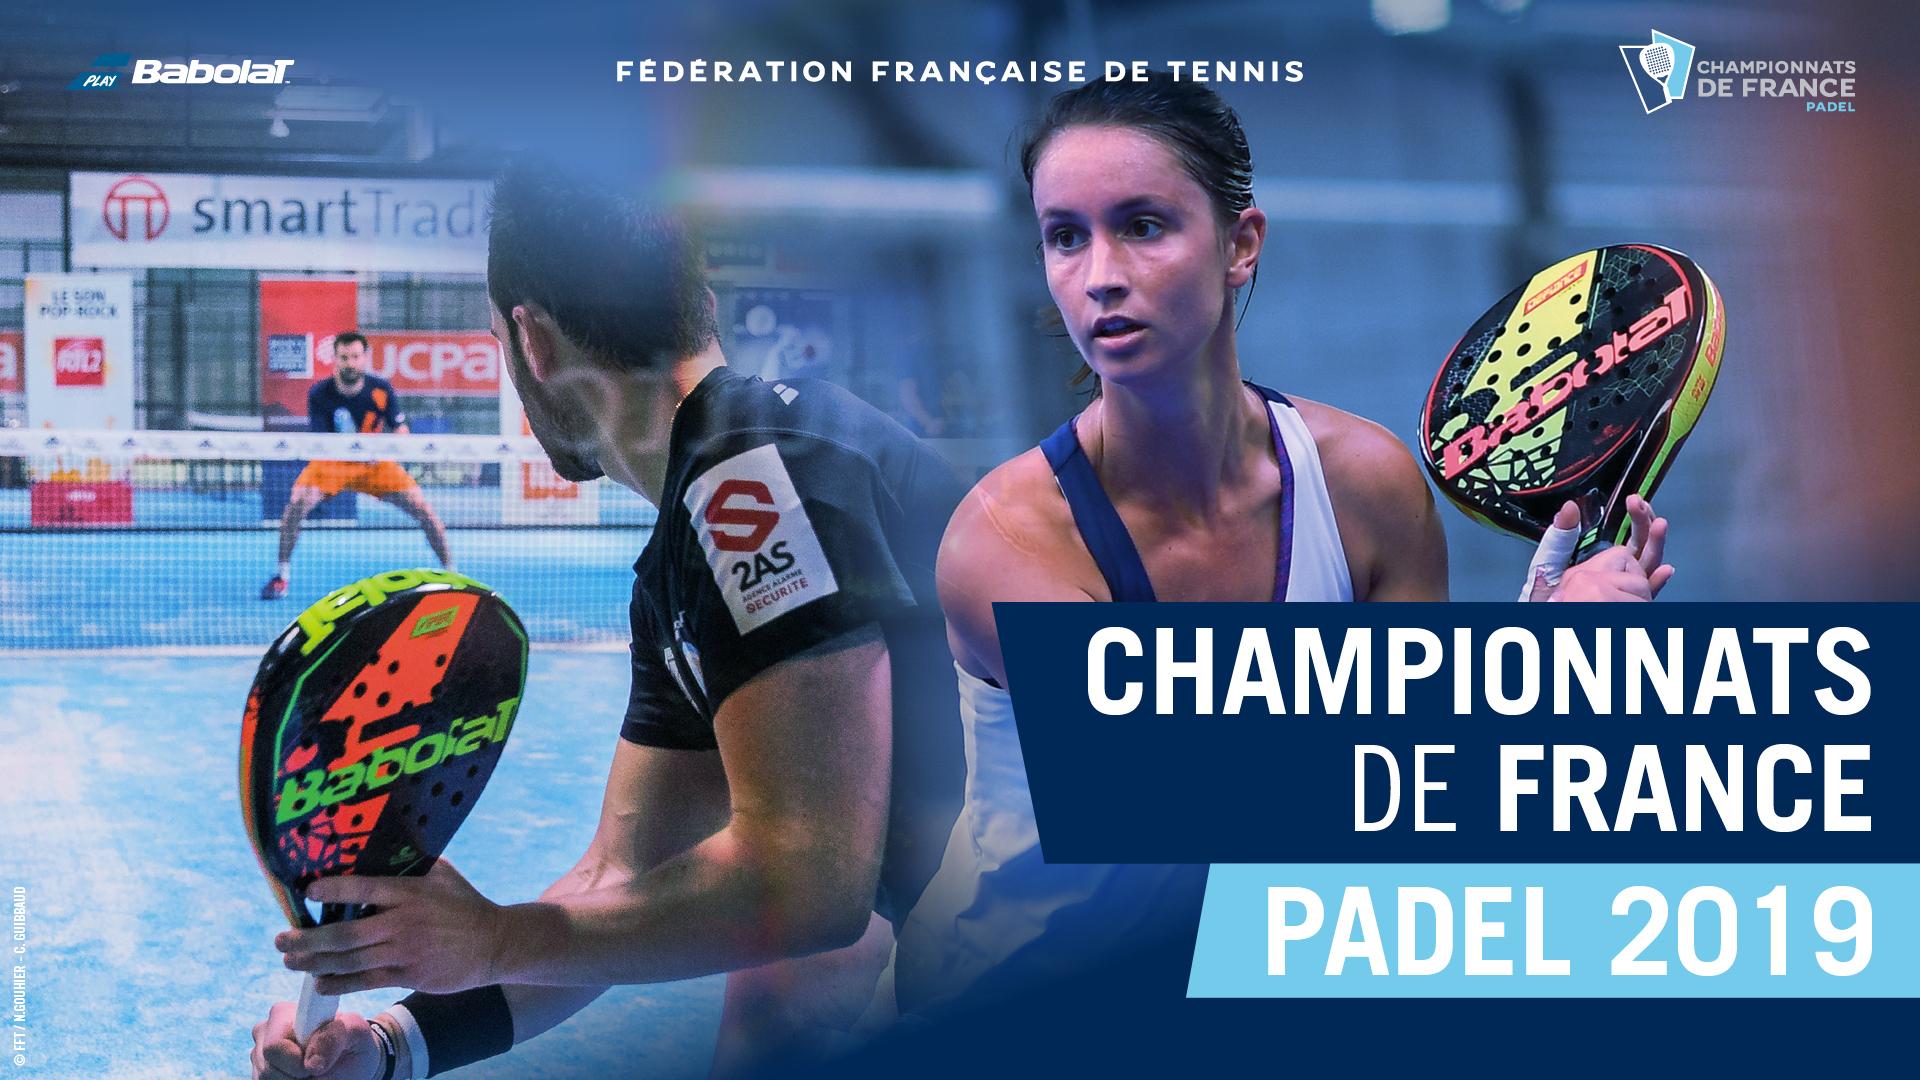 Franska Padel-mästerskap 2019 - Finalen för kvinnor - Collombon / Ginier (ARA) vs Martin / Godallier (PACA)